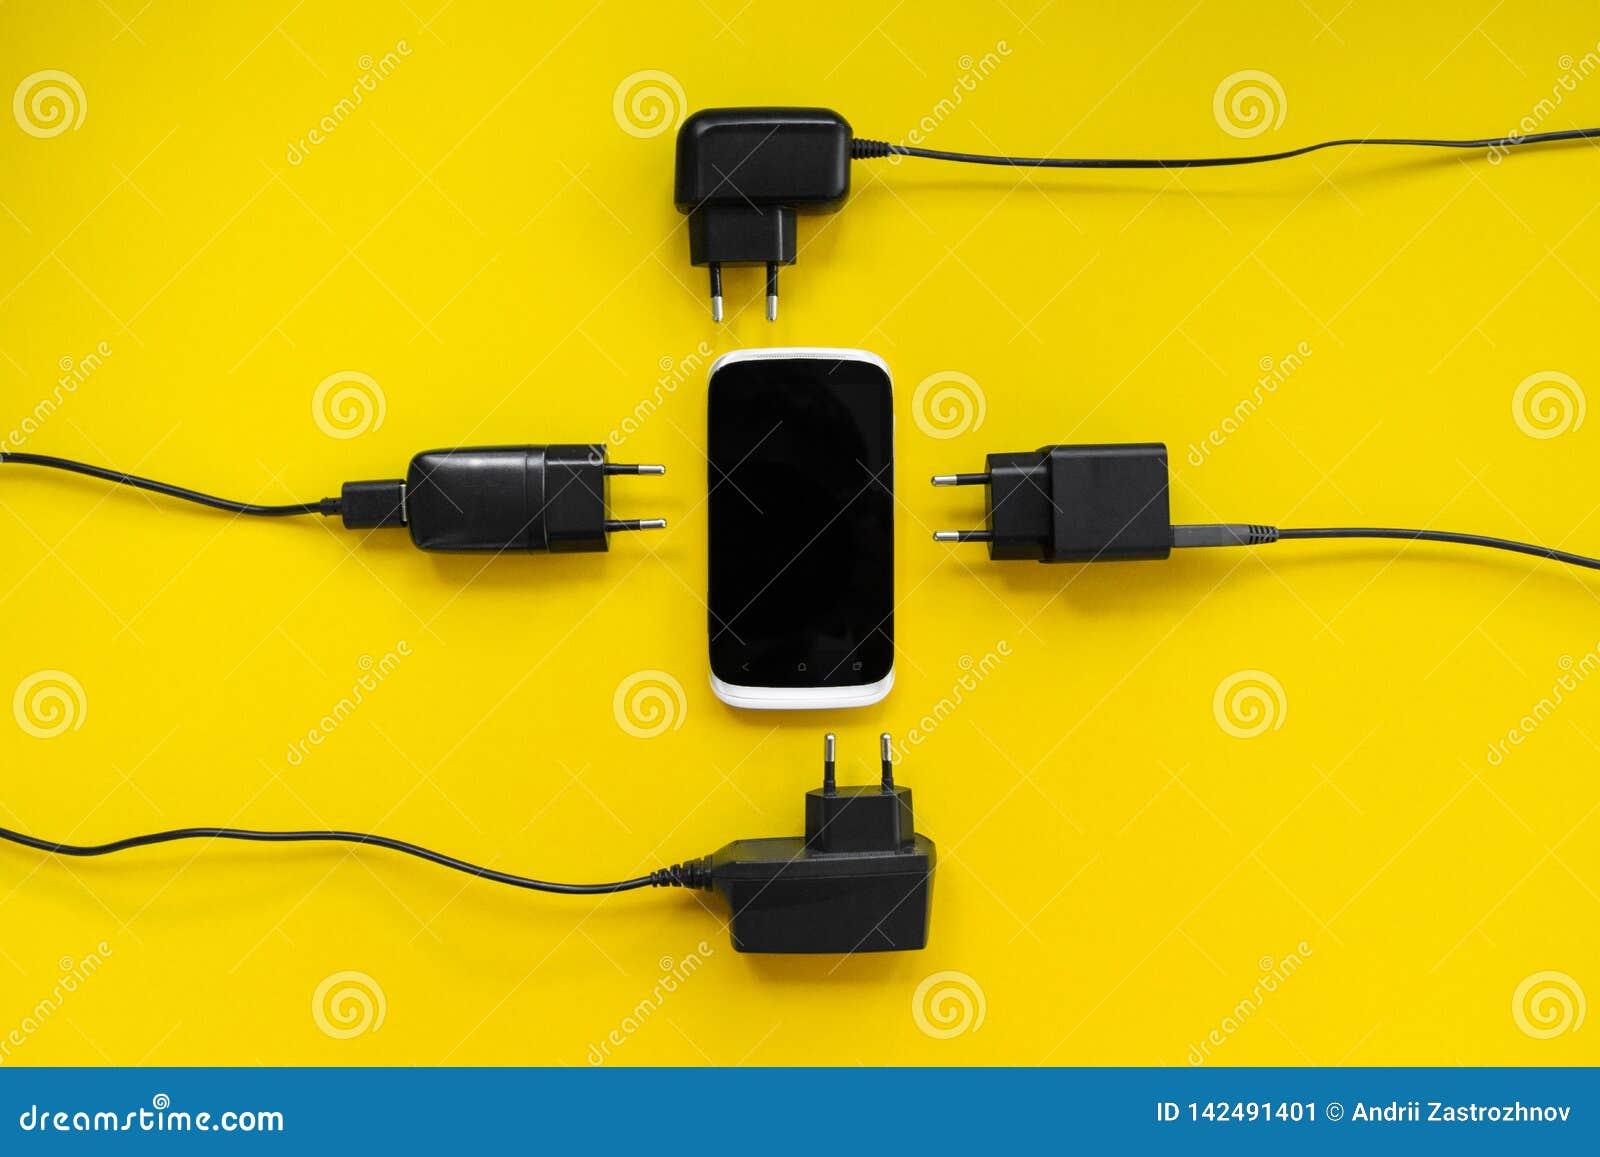 Smartphone y cargadores alrededor en un fondo amarillo, concepto